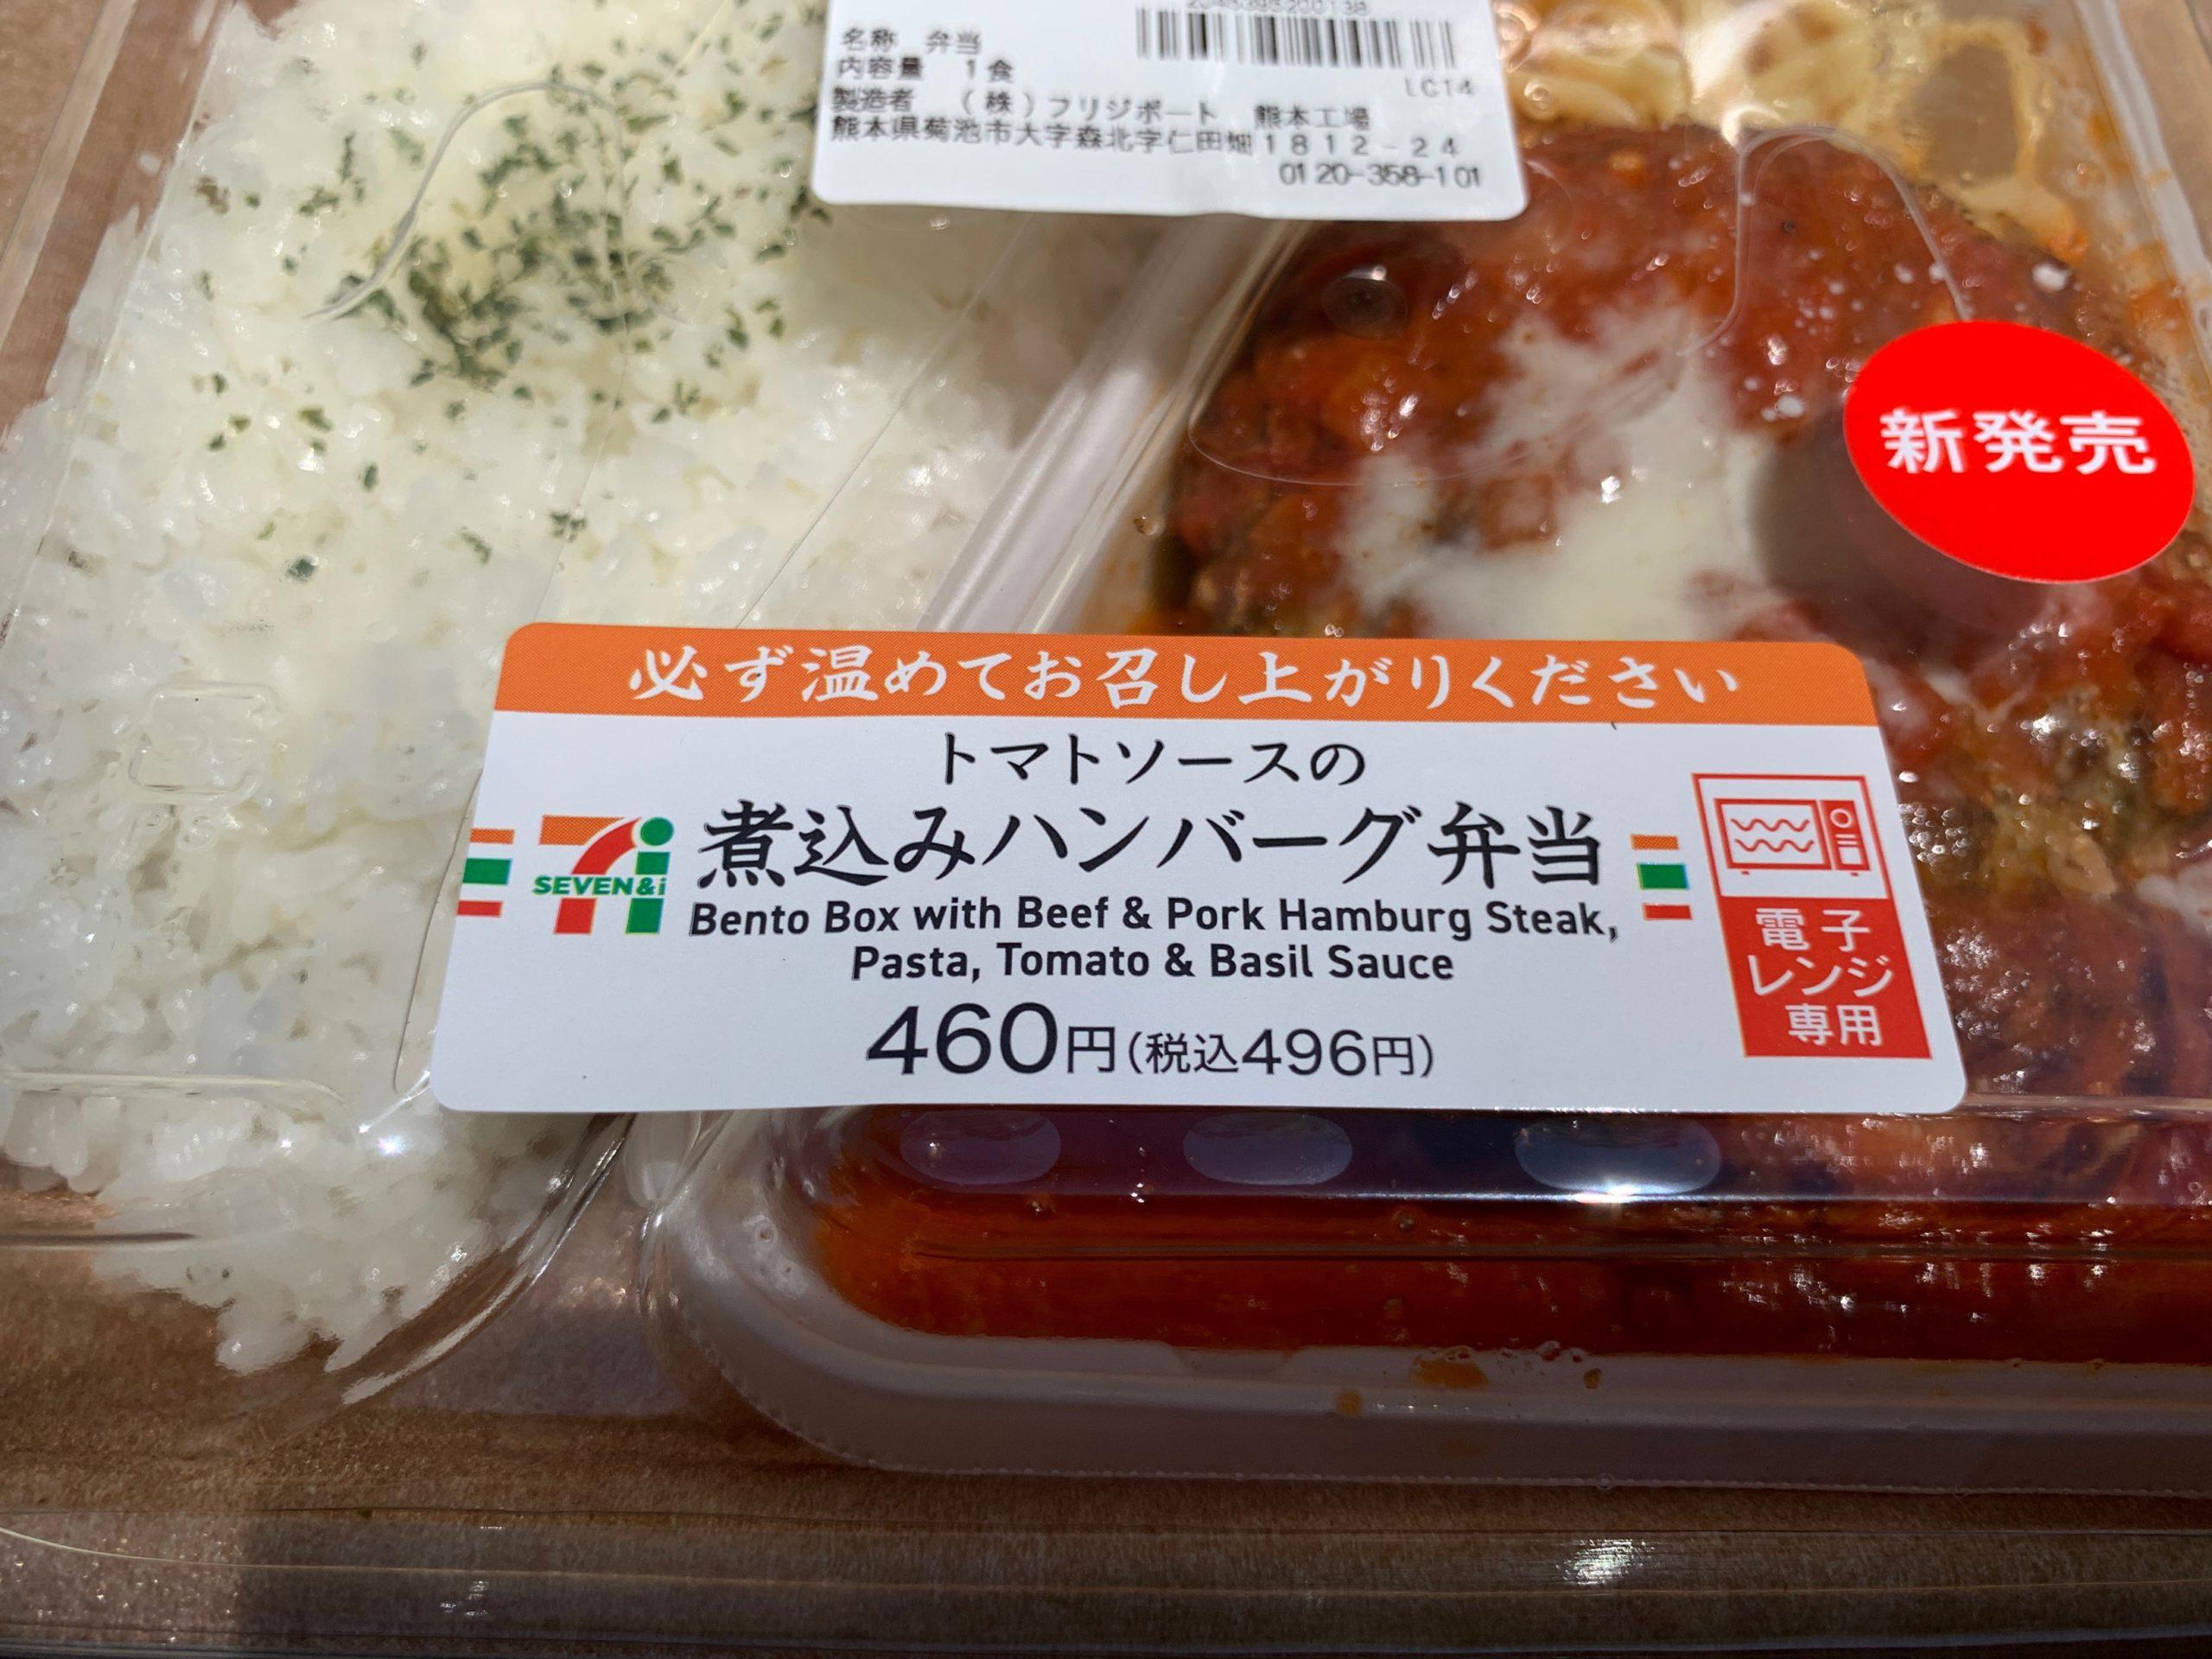 トマトソースの煮込みハンバーグ弁当の説明